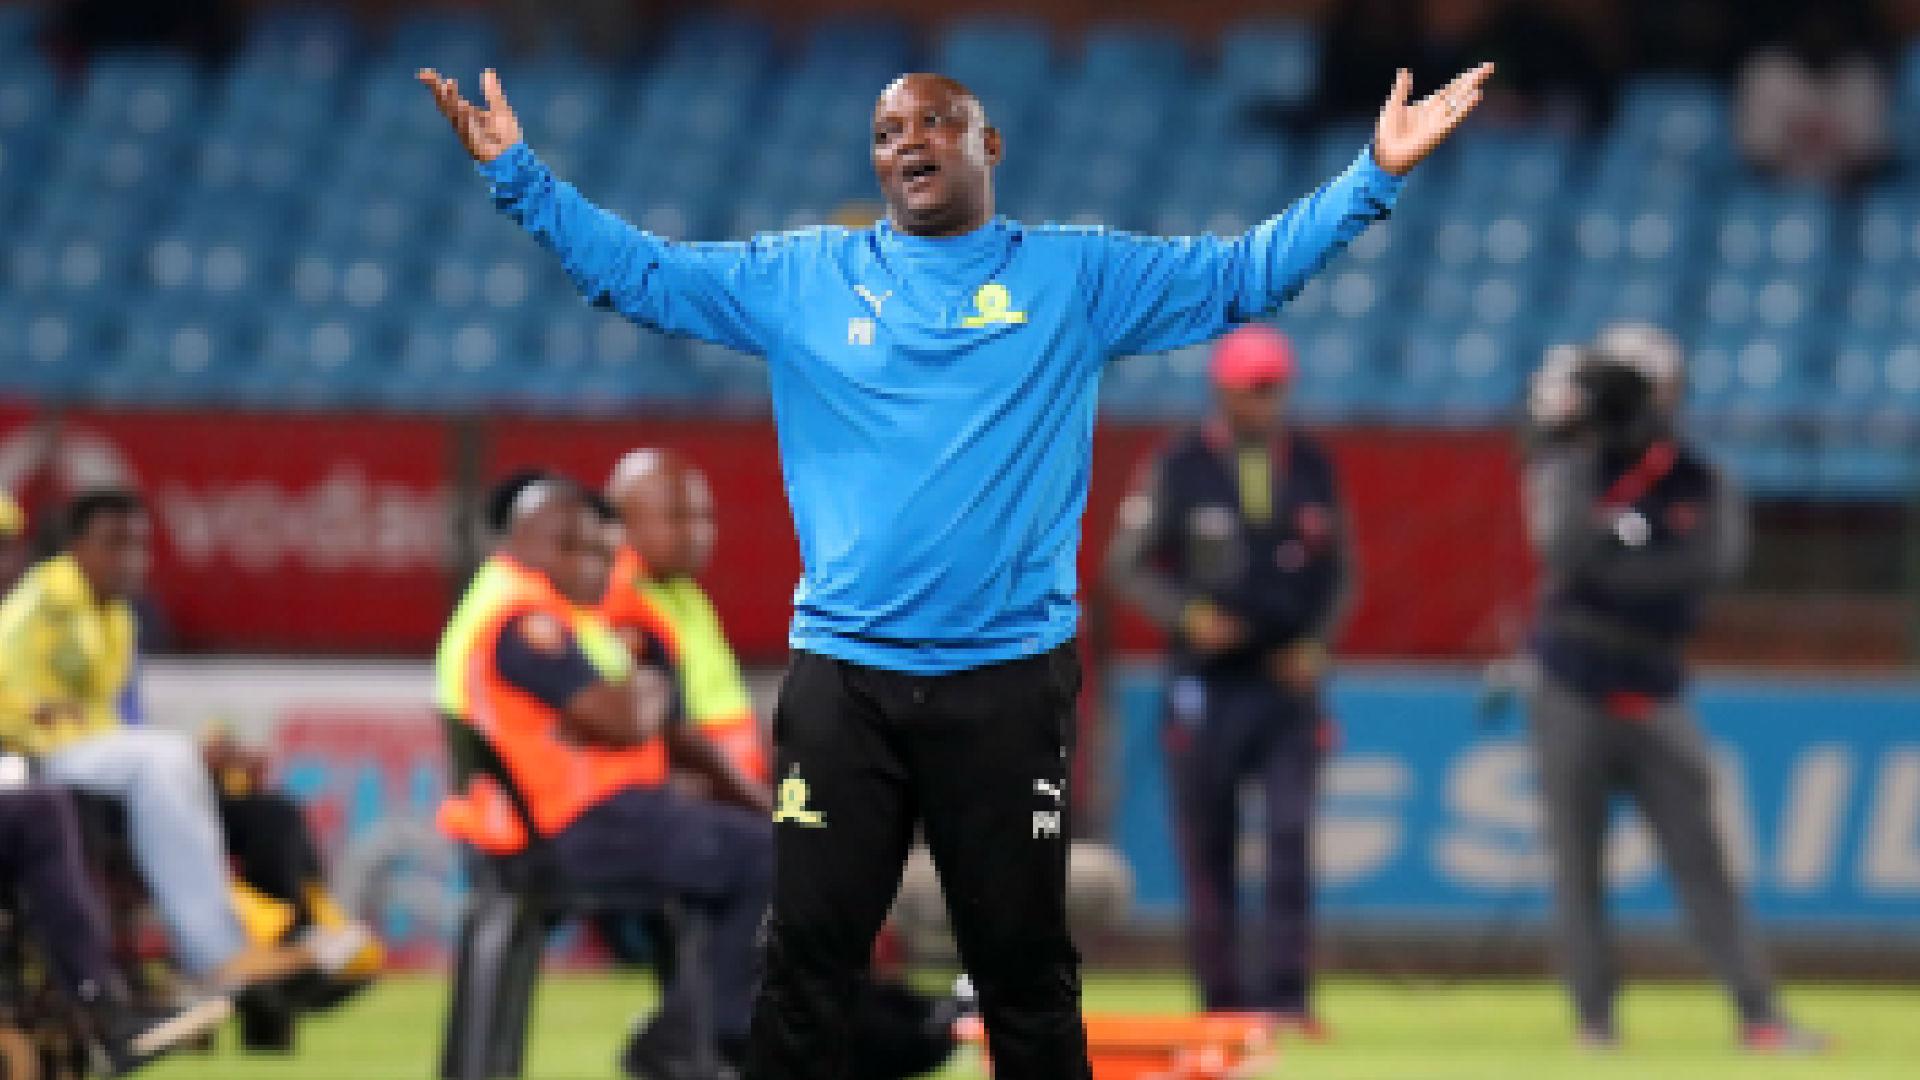 Mamelodi Sundowns will never be same without Mosimane - ex-skipper Mwanjali